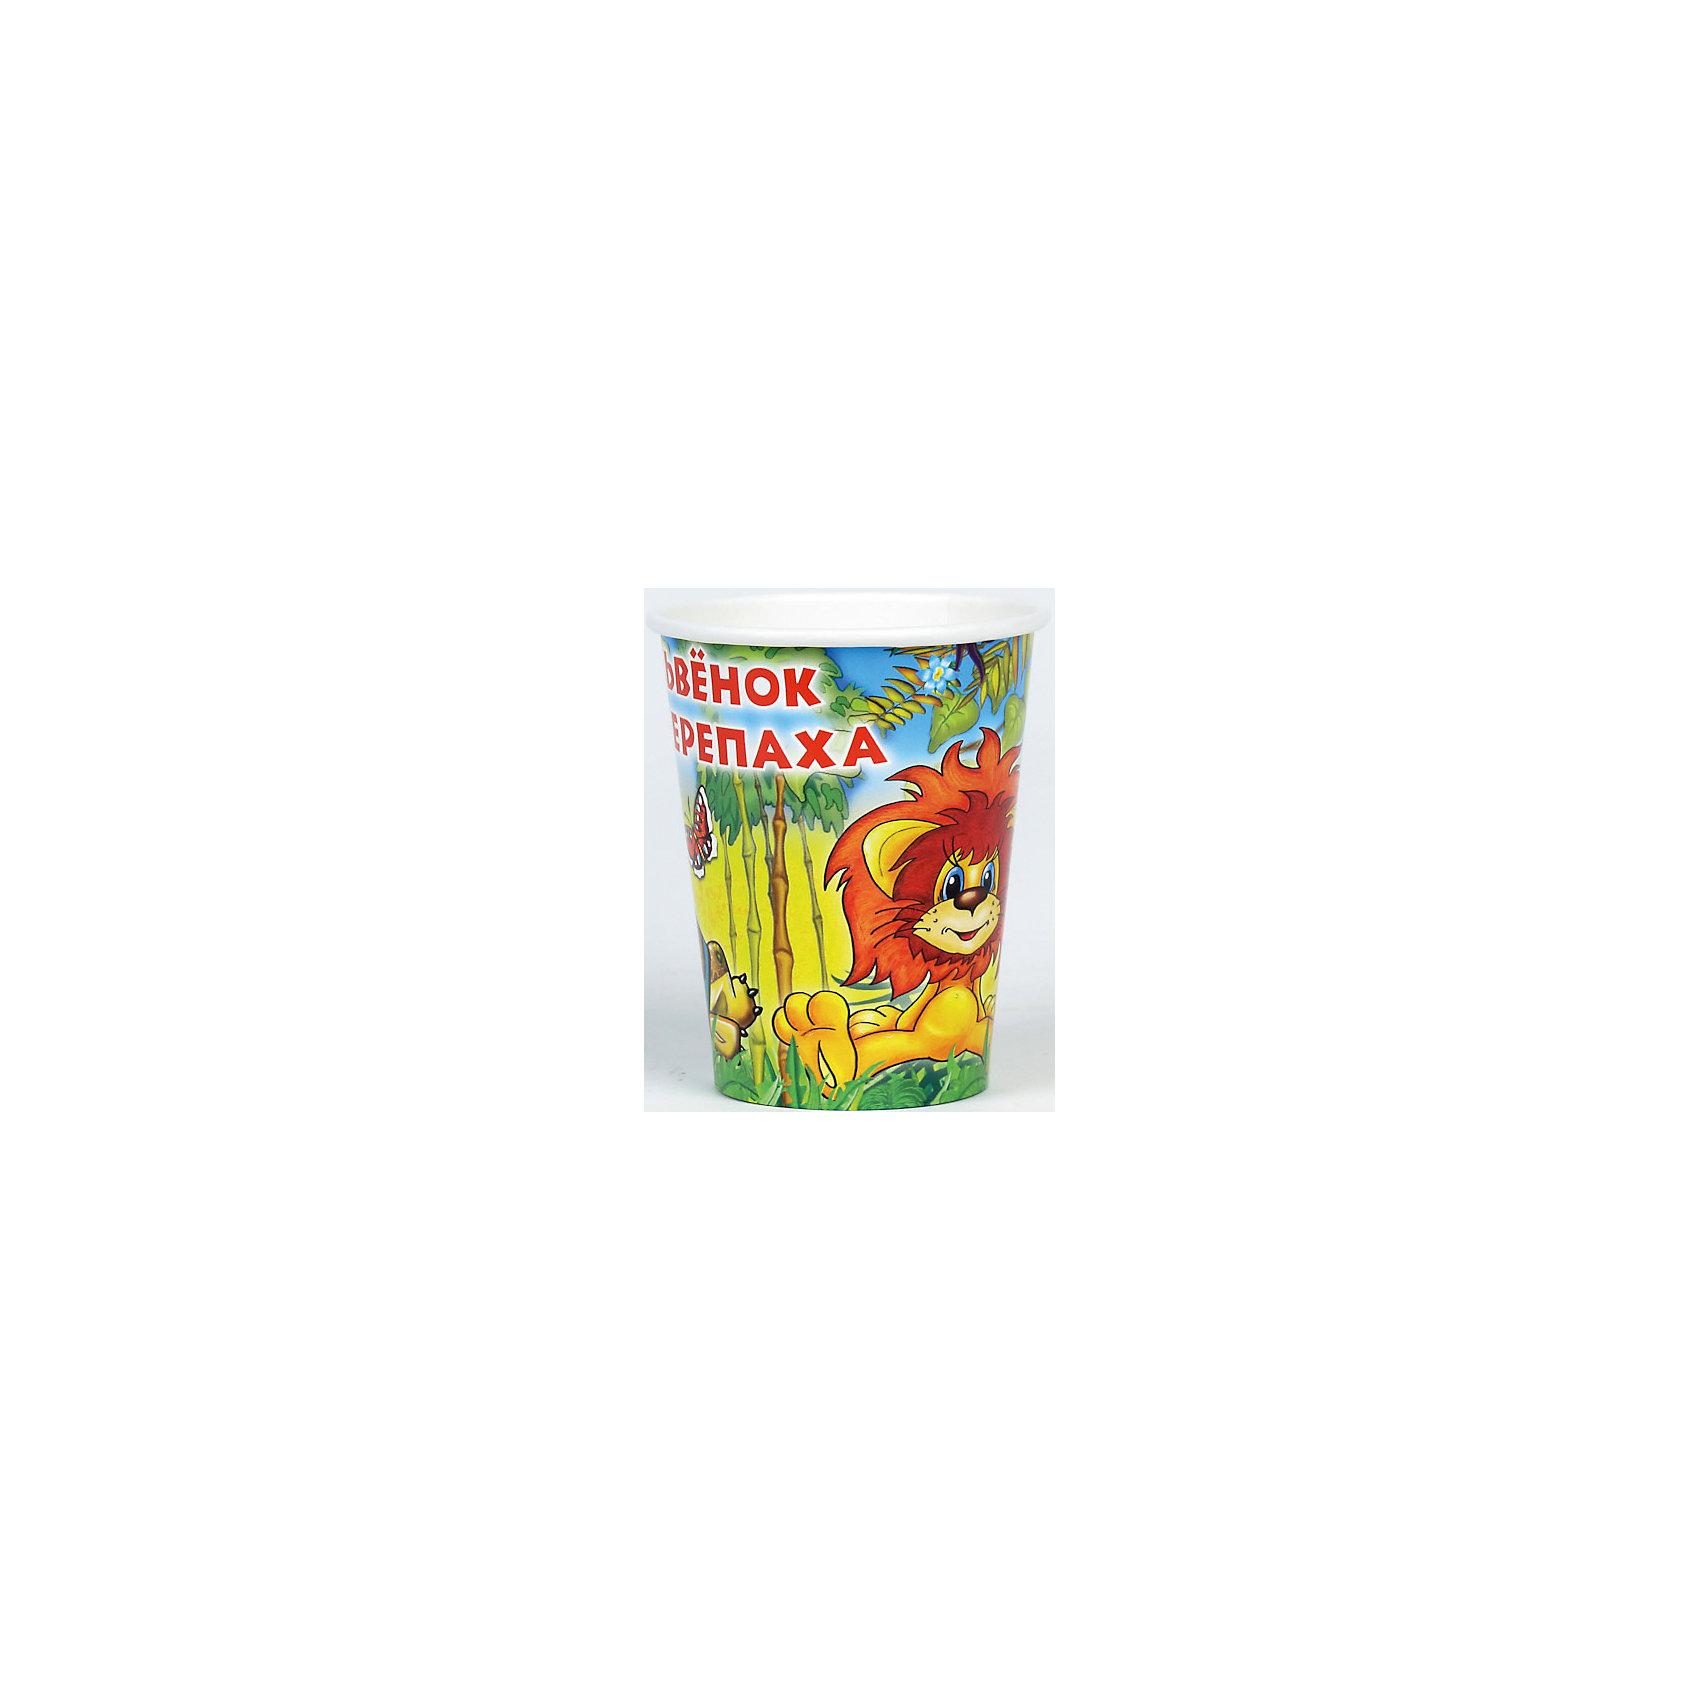 Набор из 6-ти стаканчиков Львенок и ЧерепахаПосуда<br>Стаканчики из набора Львенок и черепаха сделаны из бумаги, они совершенно безопасны для ребенка и для окружающей среды. Ведь при сжигании бумага не выделяет в воздух абсолютно никаких вредных веществ. Кроме того стаканчики ярко оформлены изображением героев из любимыми многими советского мультфильма, который учит дружбе и добру.  <br><br>Дополнительная информация:<br><br>- Материал: плотный картон.<br>- Комплект: 6 шт.<br>- Объем: 150 мл.<br>- Размер упаковки: 13х23х8 см.<br>- Вес в упаковке: 60 г.<br><br>Купить набор из 6-и стаканчиков Львенок и Черепаха можно в нашем магазине.<br><br>Ширина мм: 13<br>Глубина мм: 23<br>Высота мм: 8<br>Вес г: 60<br>Возраст от месяцев: 12<br>Возраст до месяцев: 2147483647<br>Пол: Унисекс<br>Возраст: Детский<br>SKU: 4797420